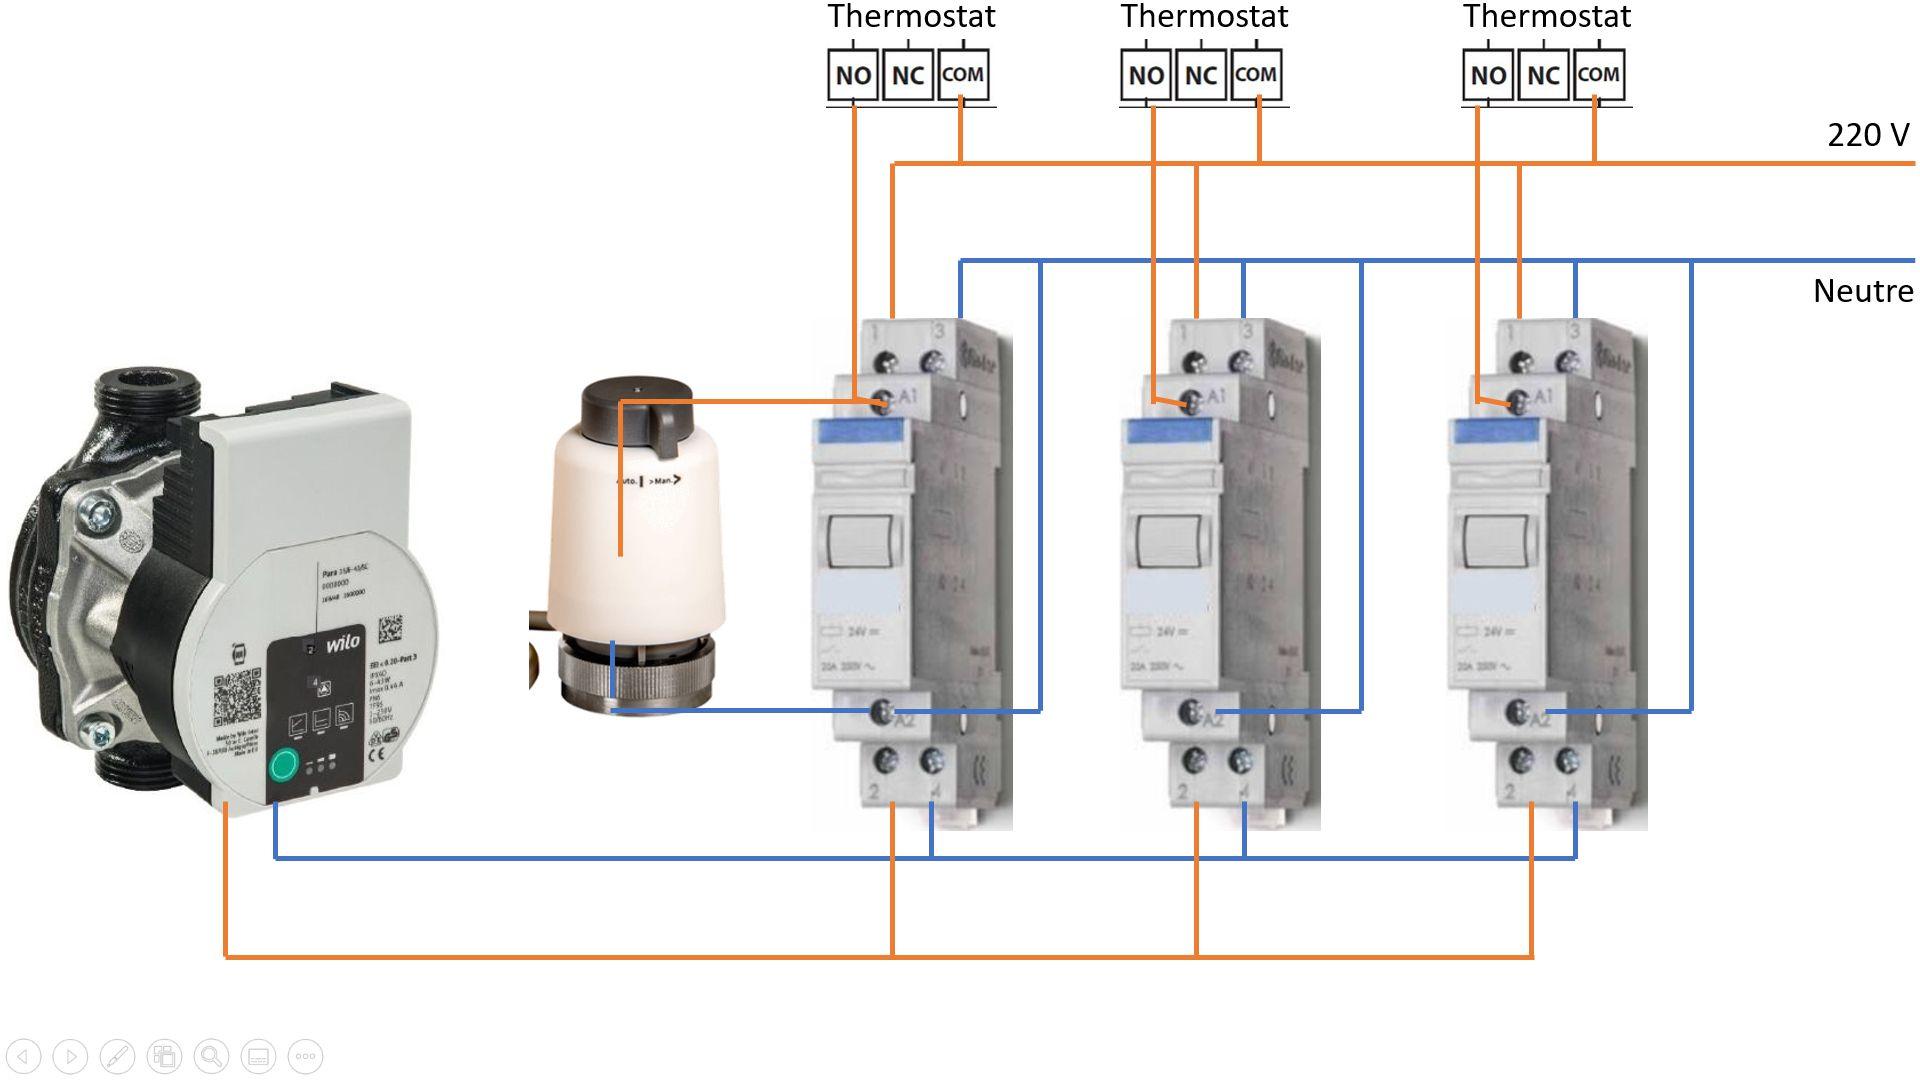 Optimisation de la pompe de chaleur par thermostats et optimiseurs après bouteille de découplage